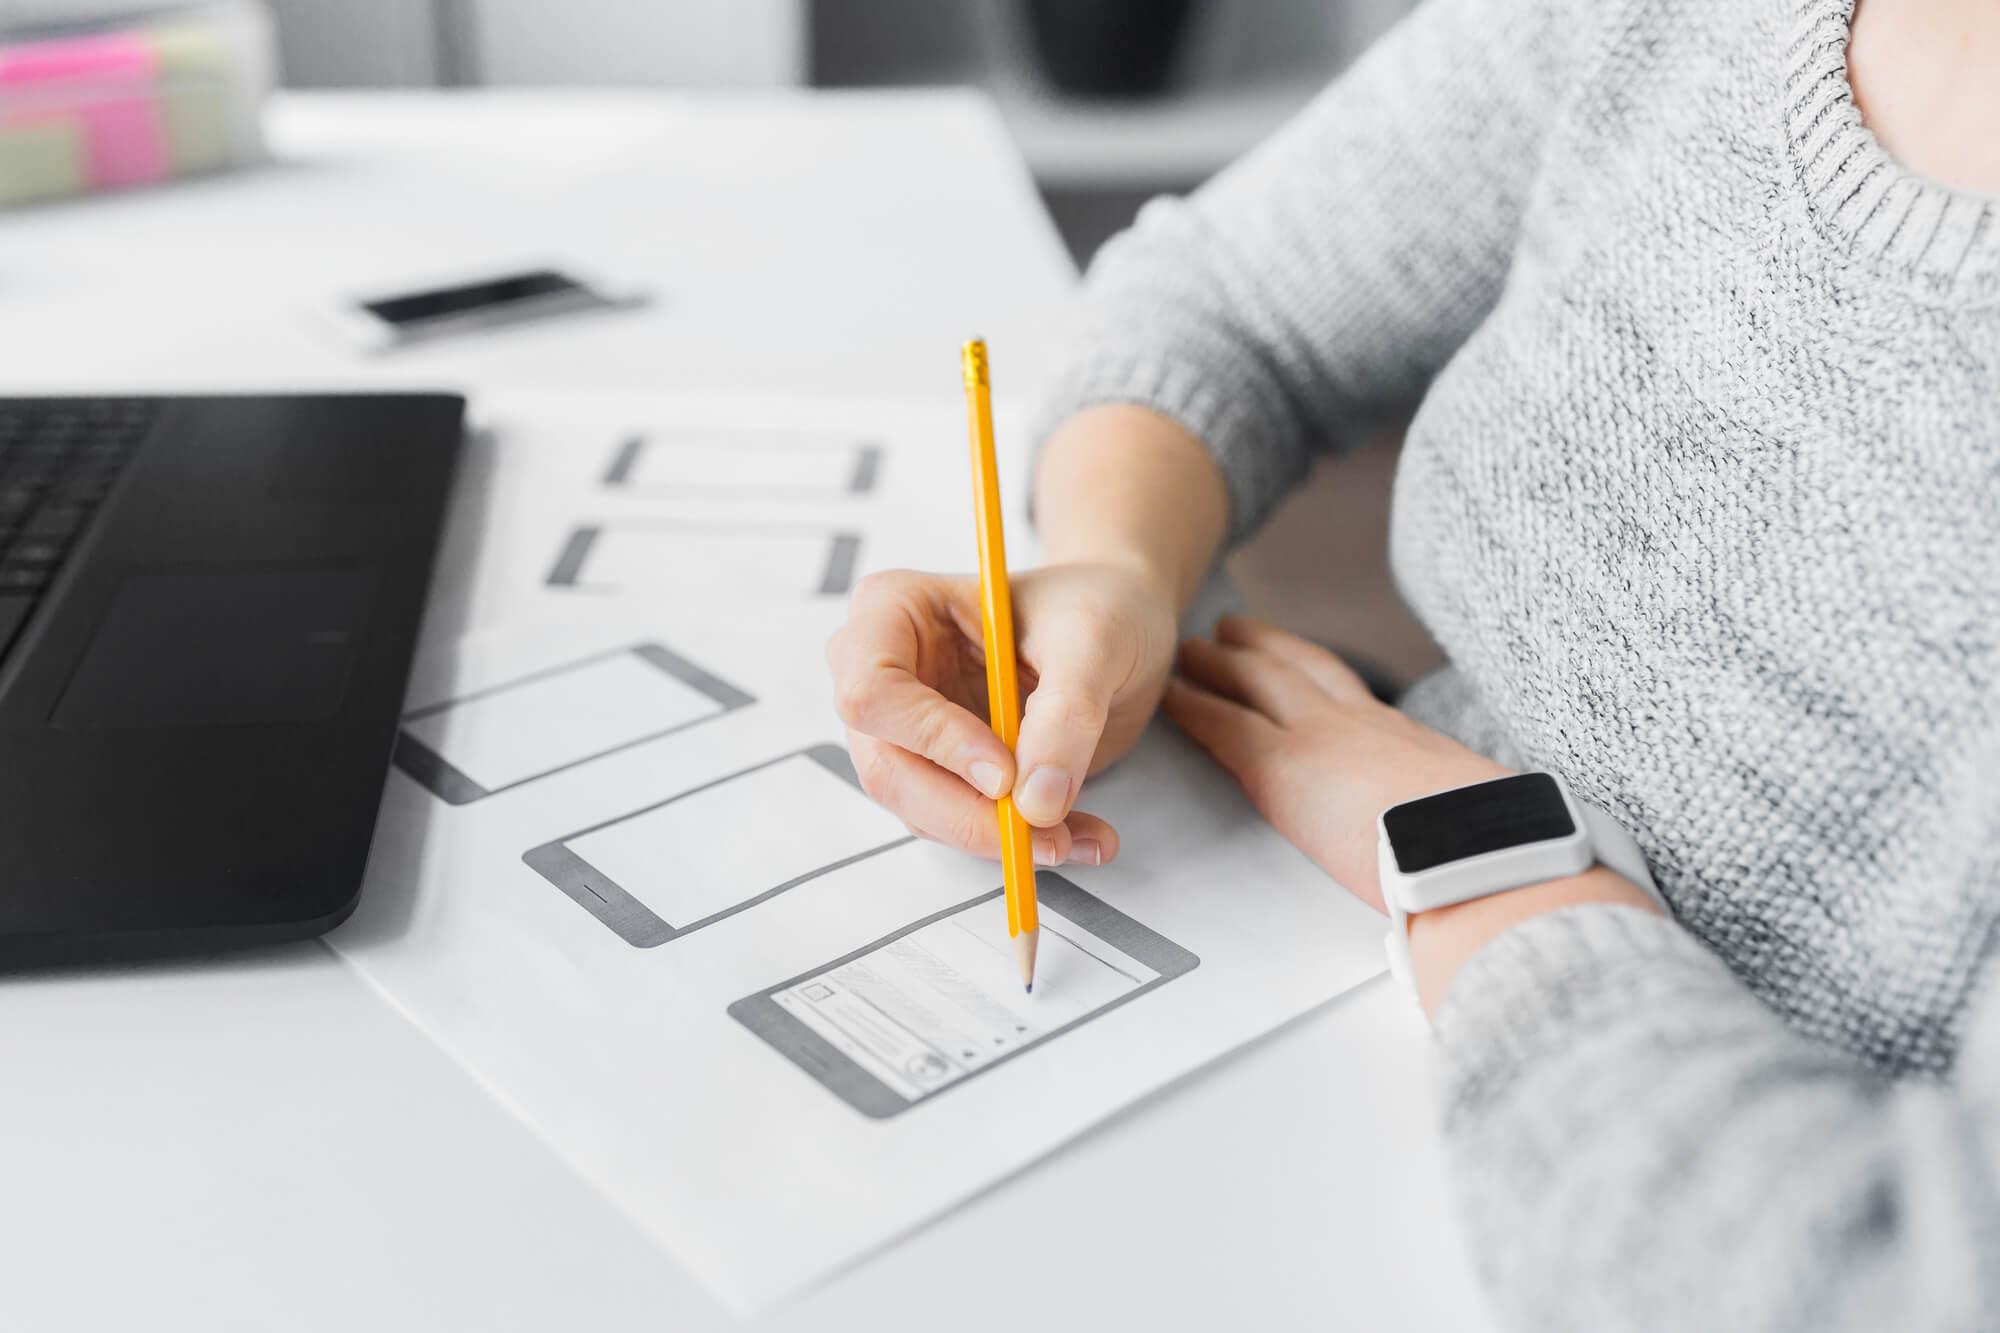 Como a experiência do usuário pode ser aplicada em aplicativos?